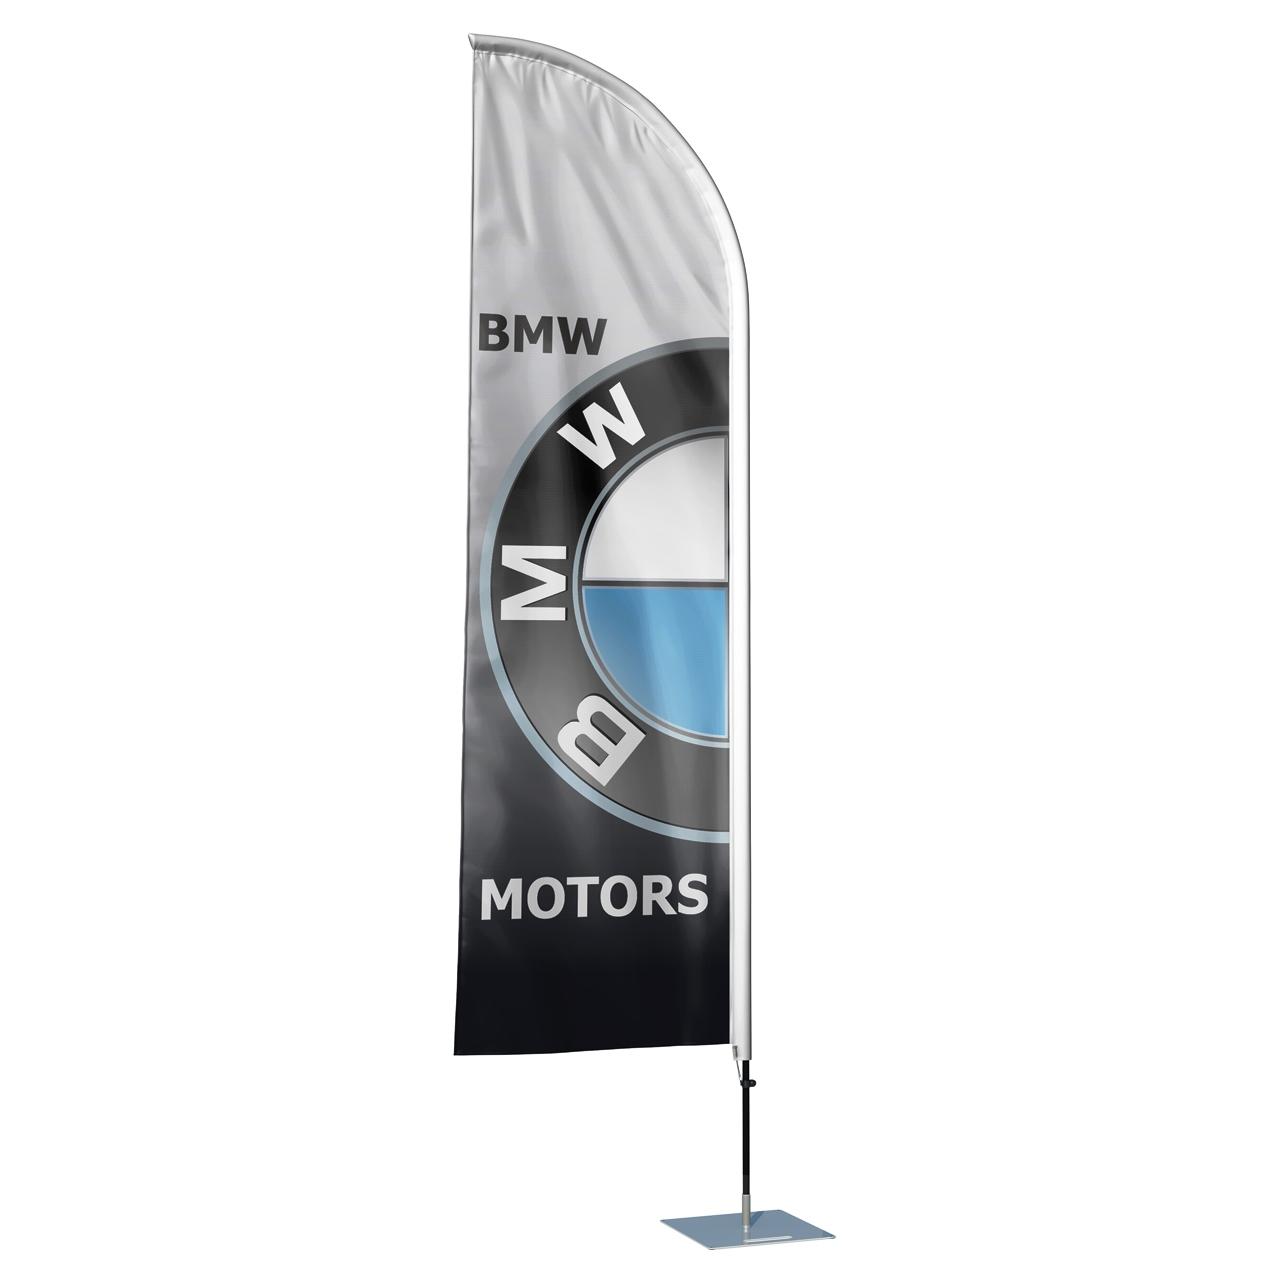 پرچم تبلیغاتی و ساحلی طرح کمپانی BMW مدل بادبانی کد SP1115RM